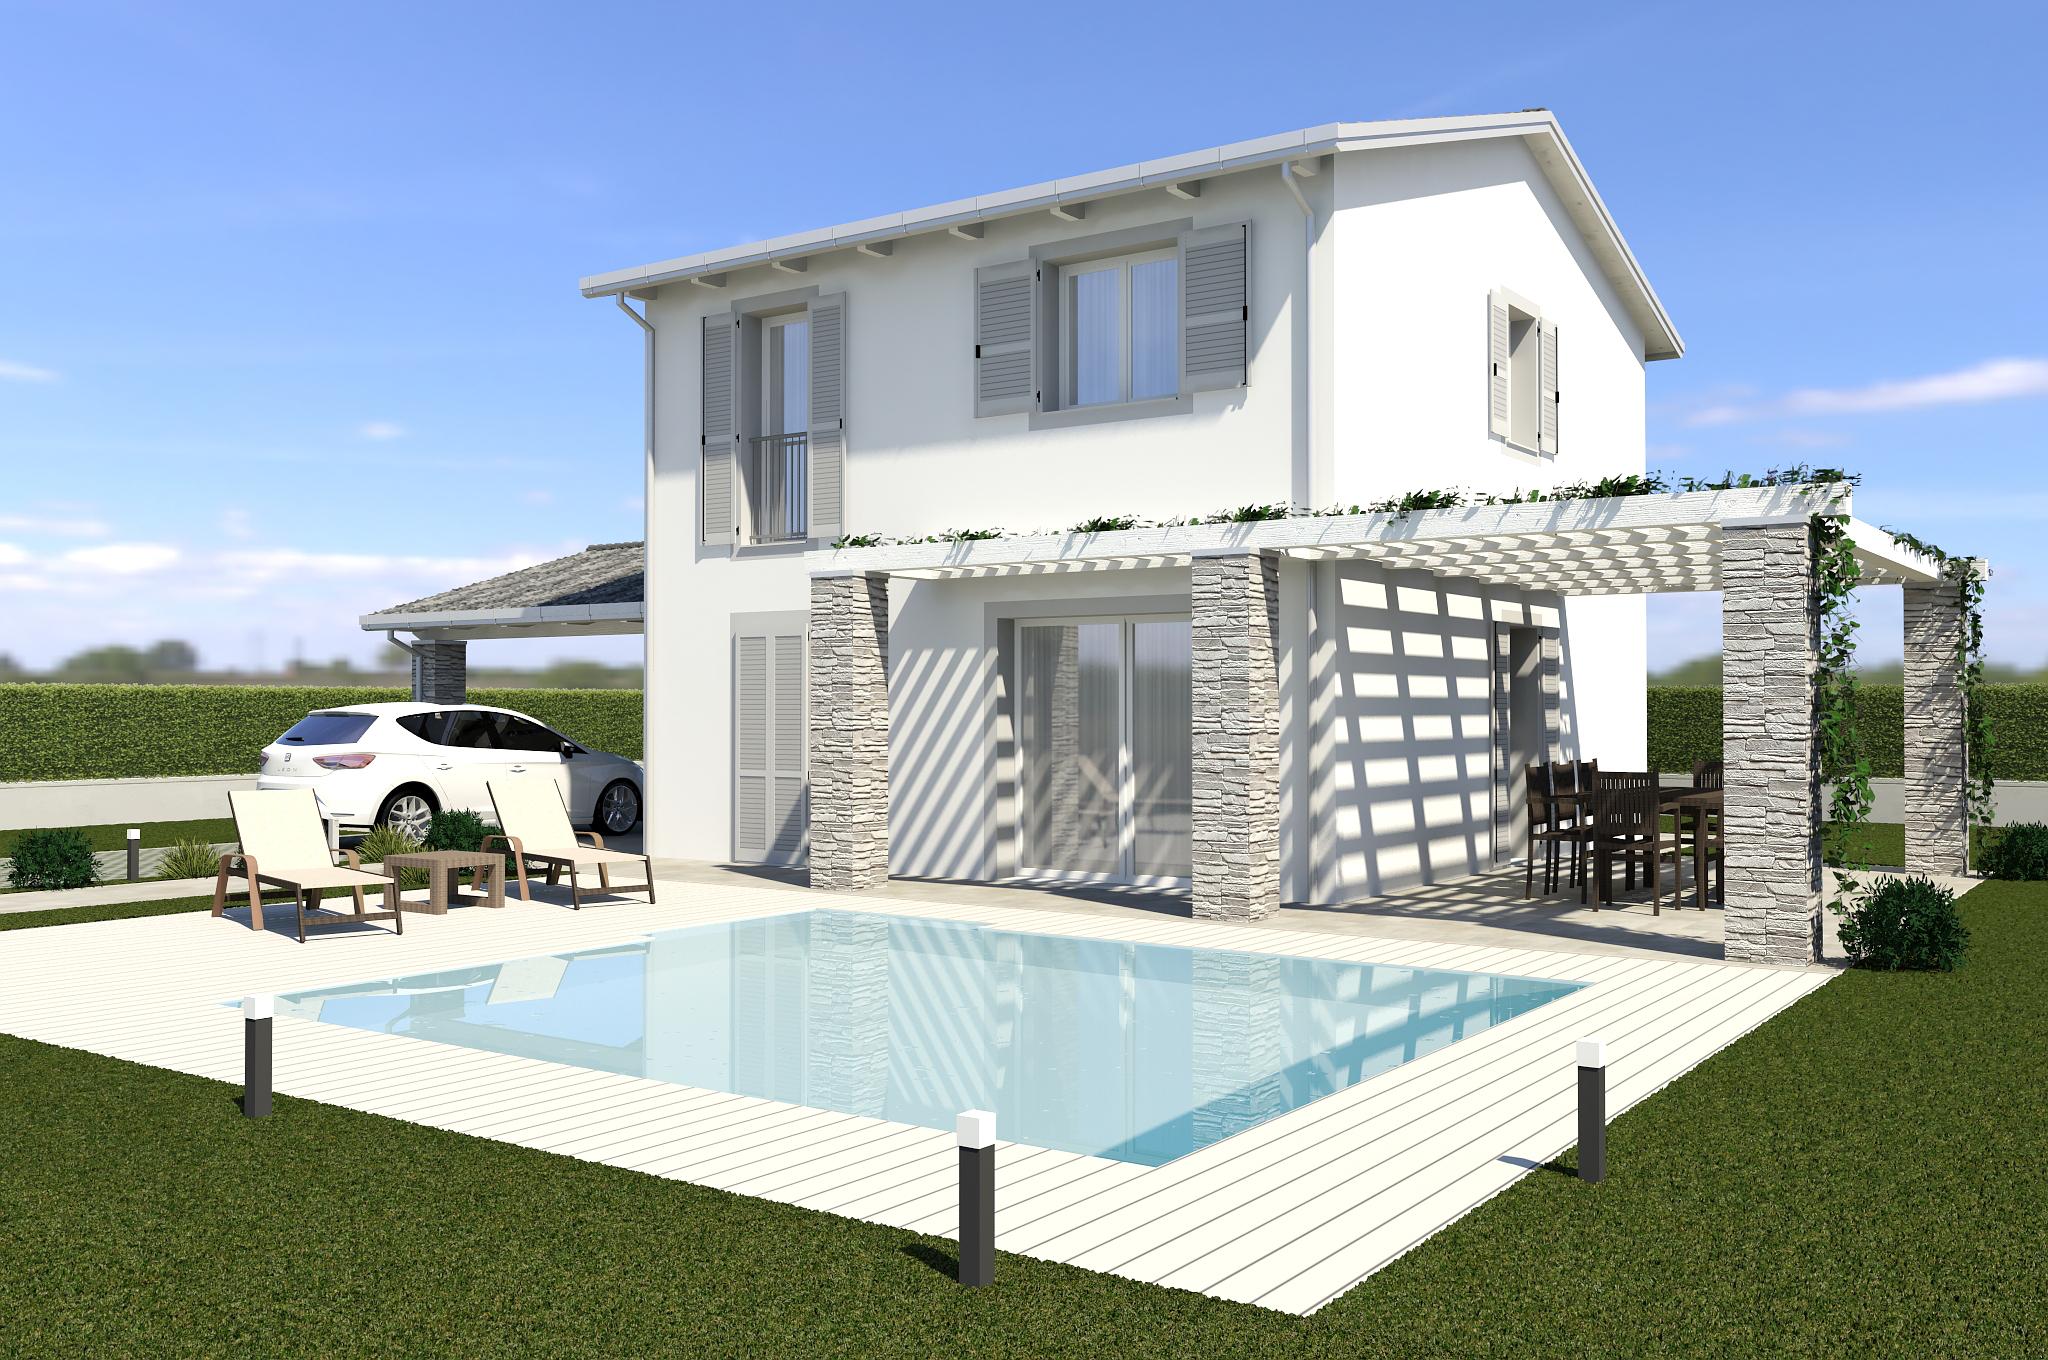 Planimetria della costruzione Casa in Legno modello ECO 165 di ECOHOUSE srl